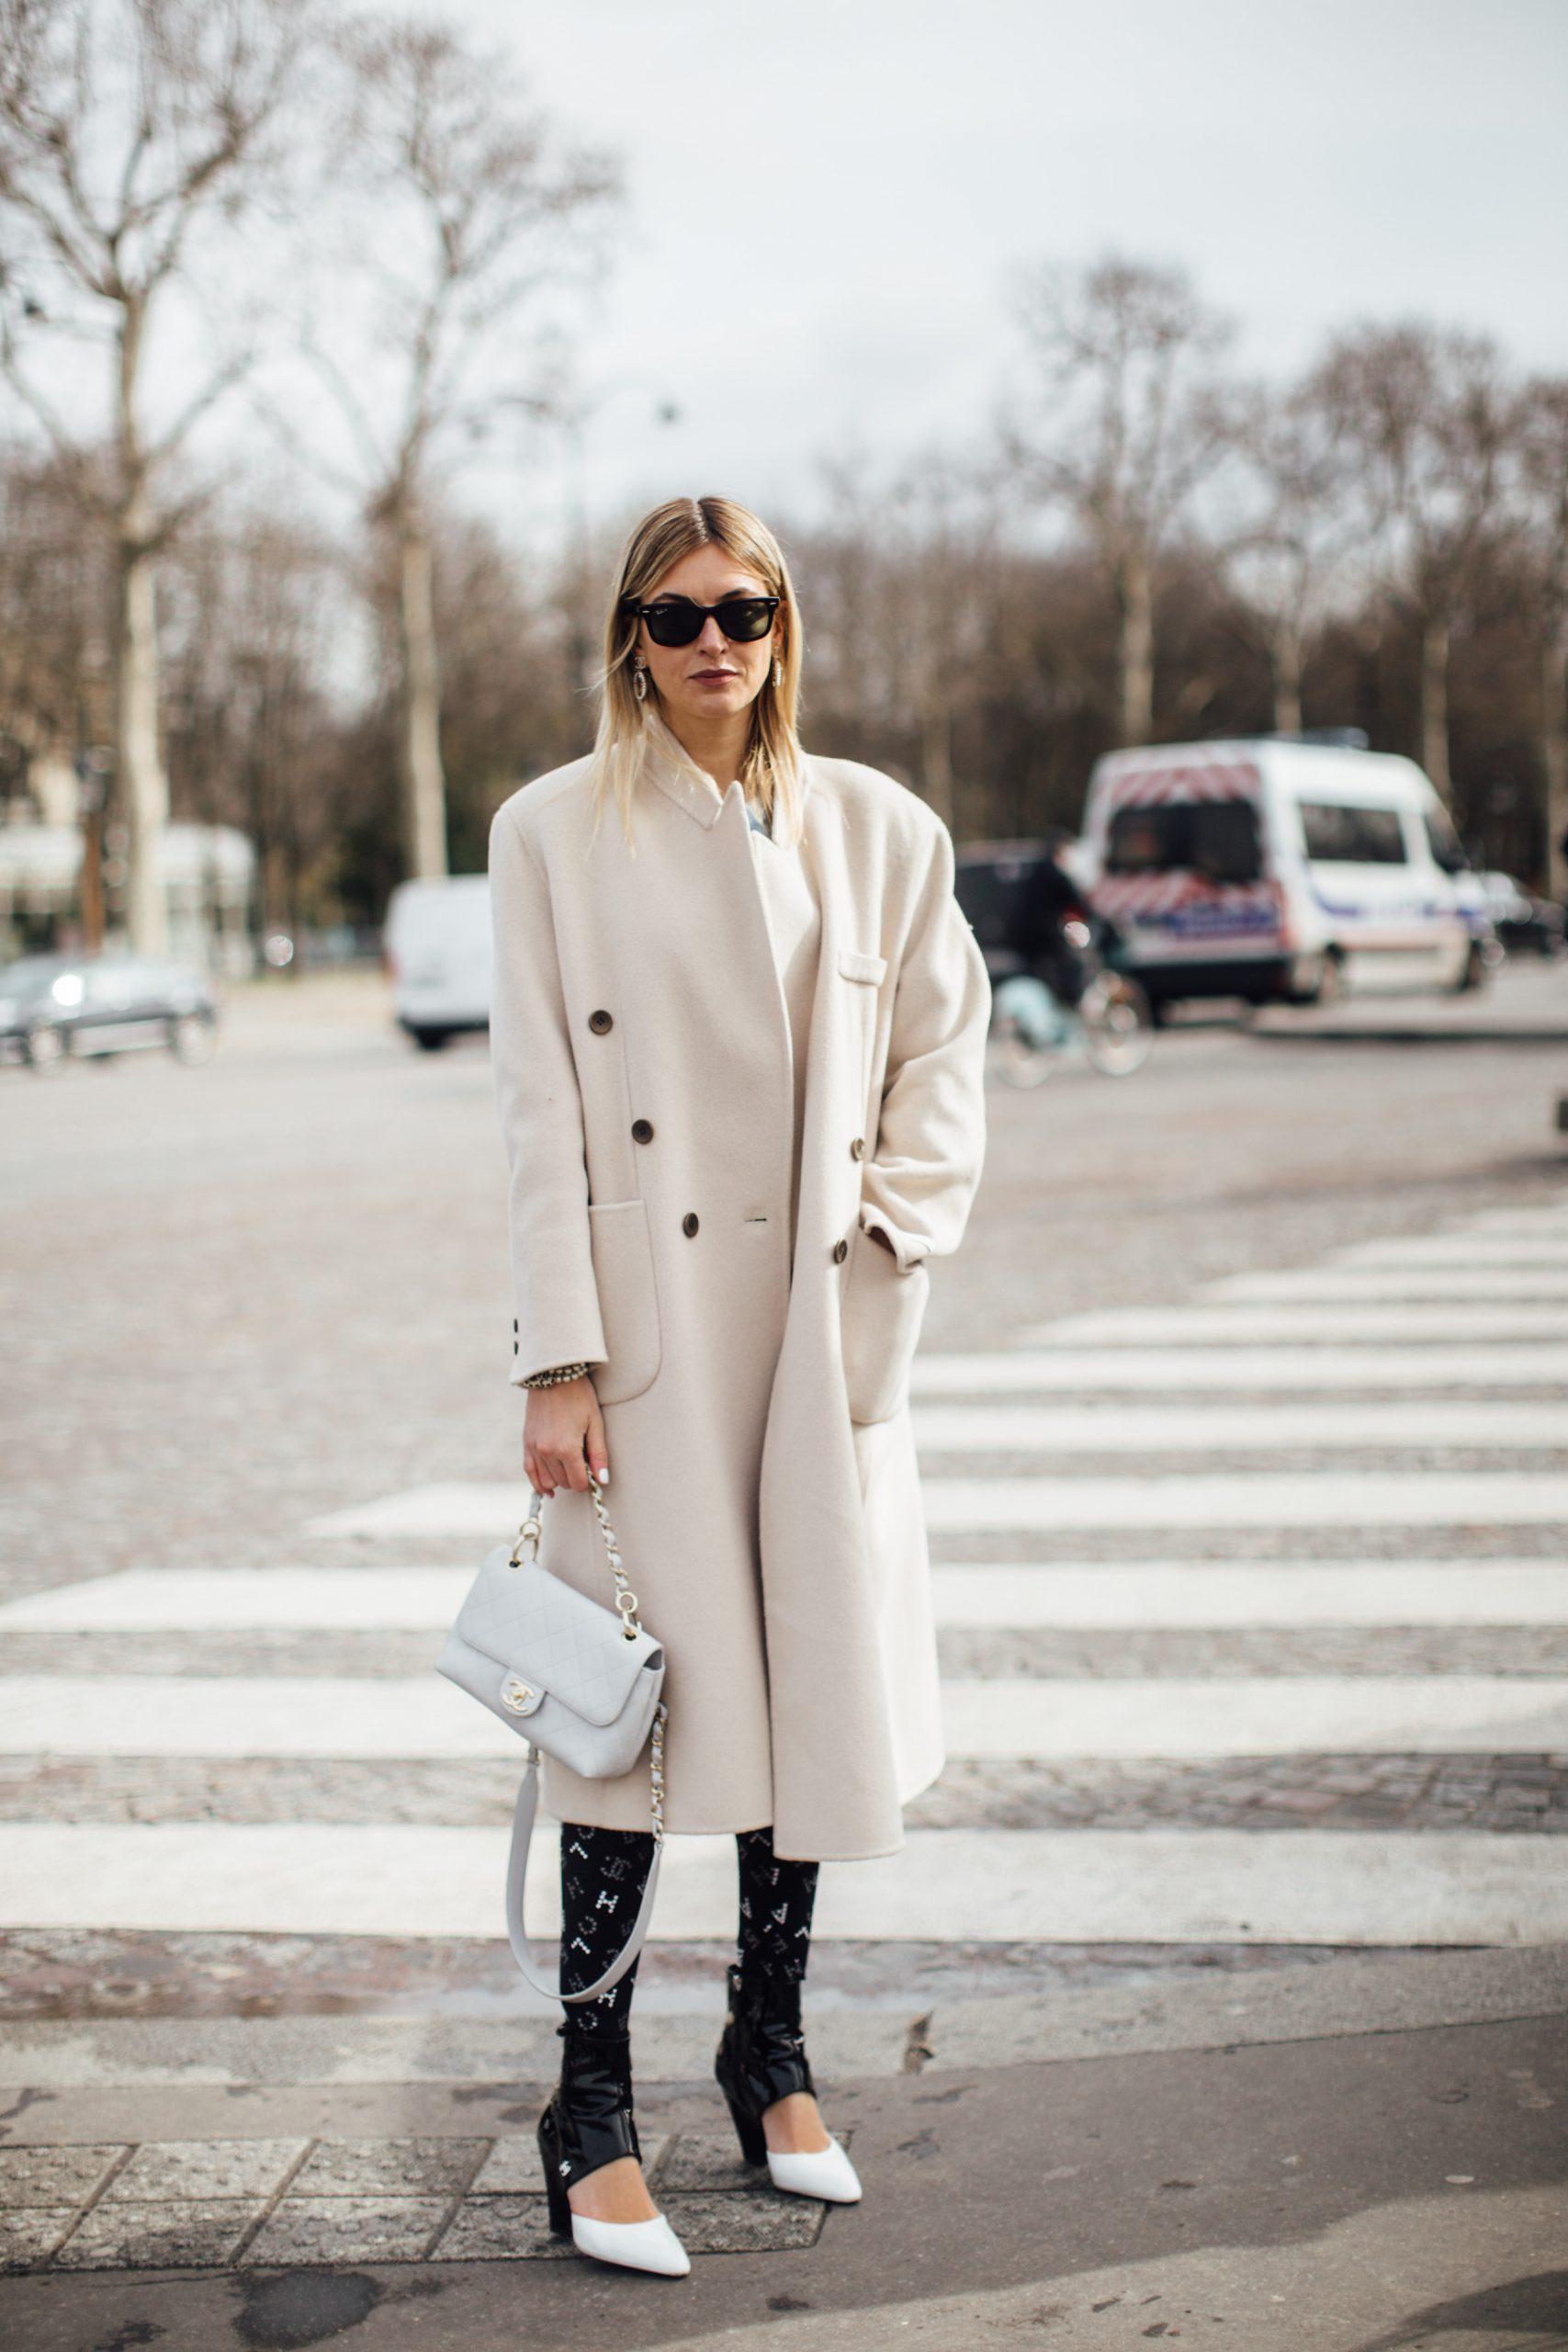 Cómo llevar el abrigo: Camille Charrière en su llegada al desfile de Chanel/Foto: Imaxtree.